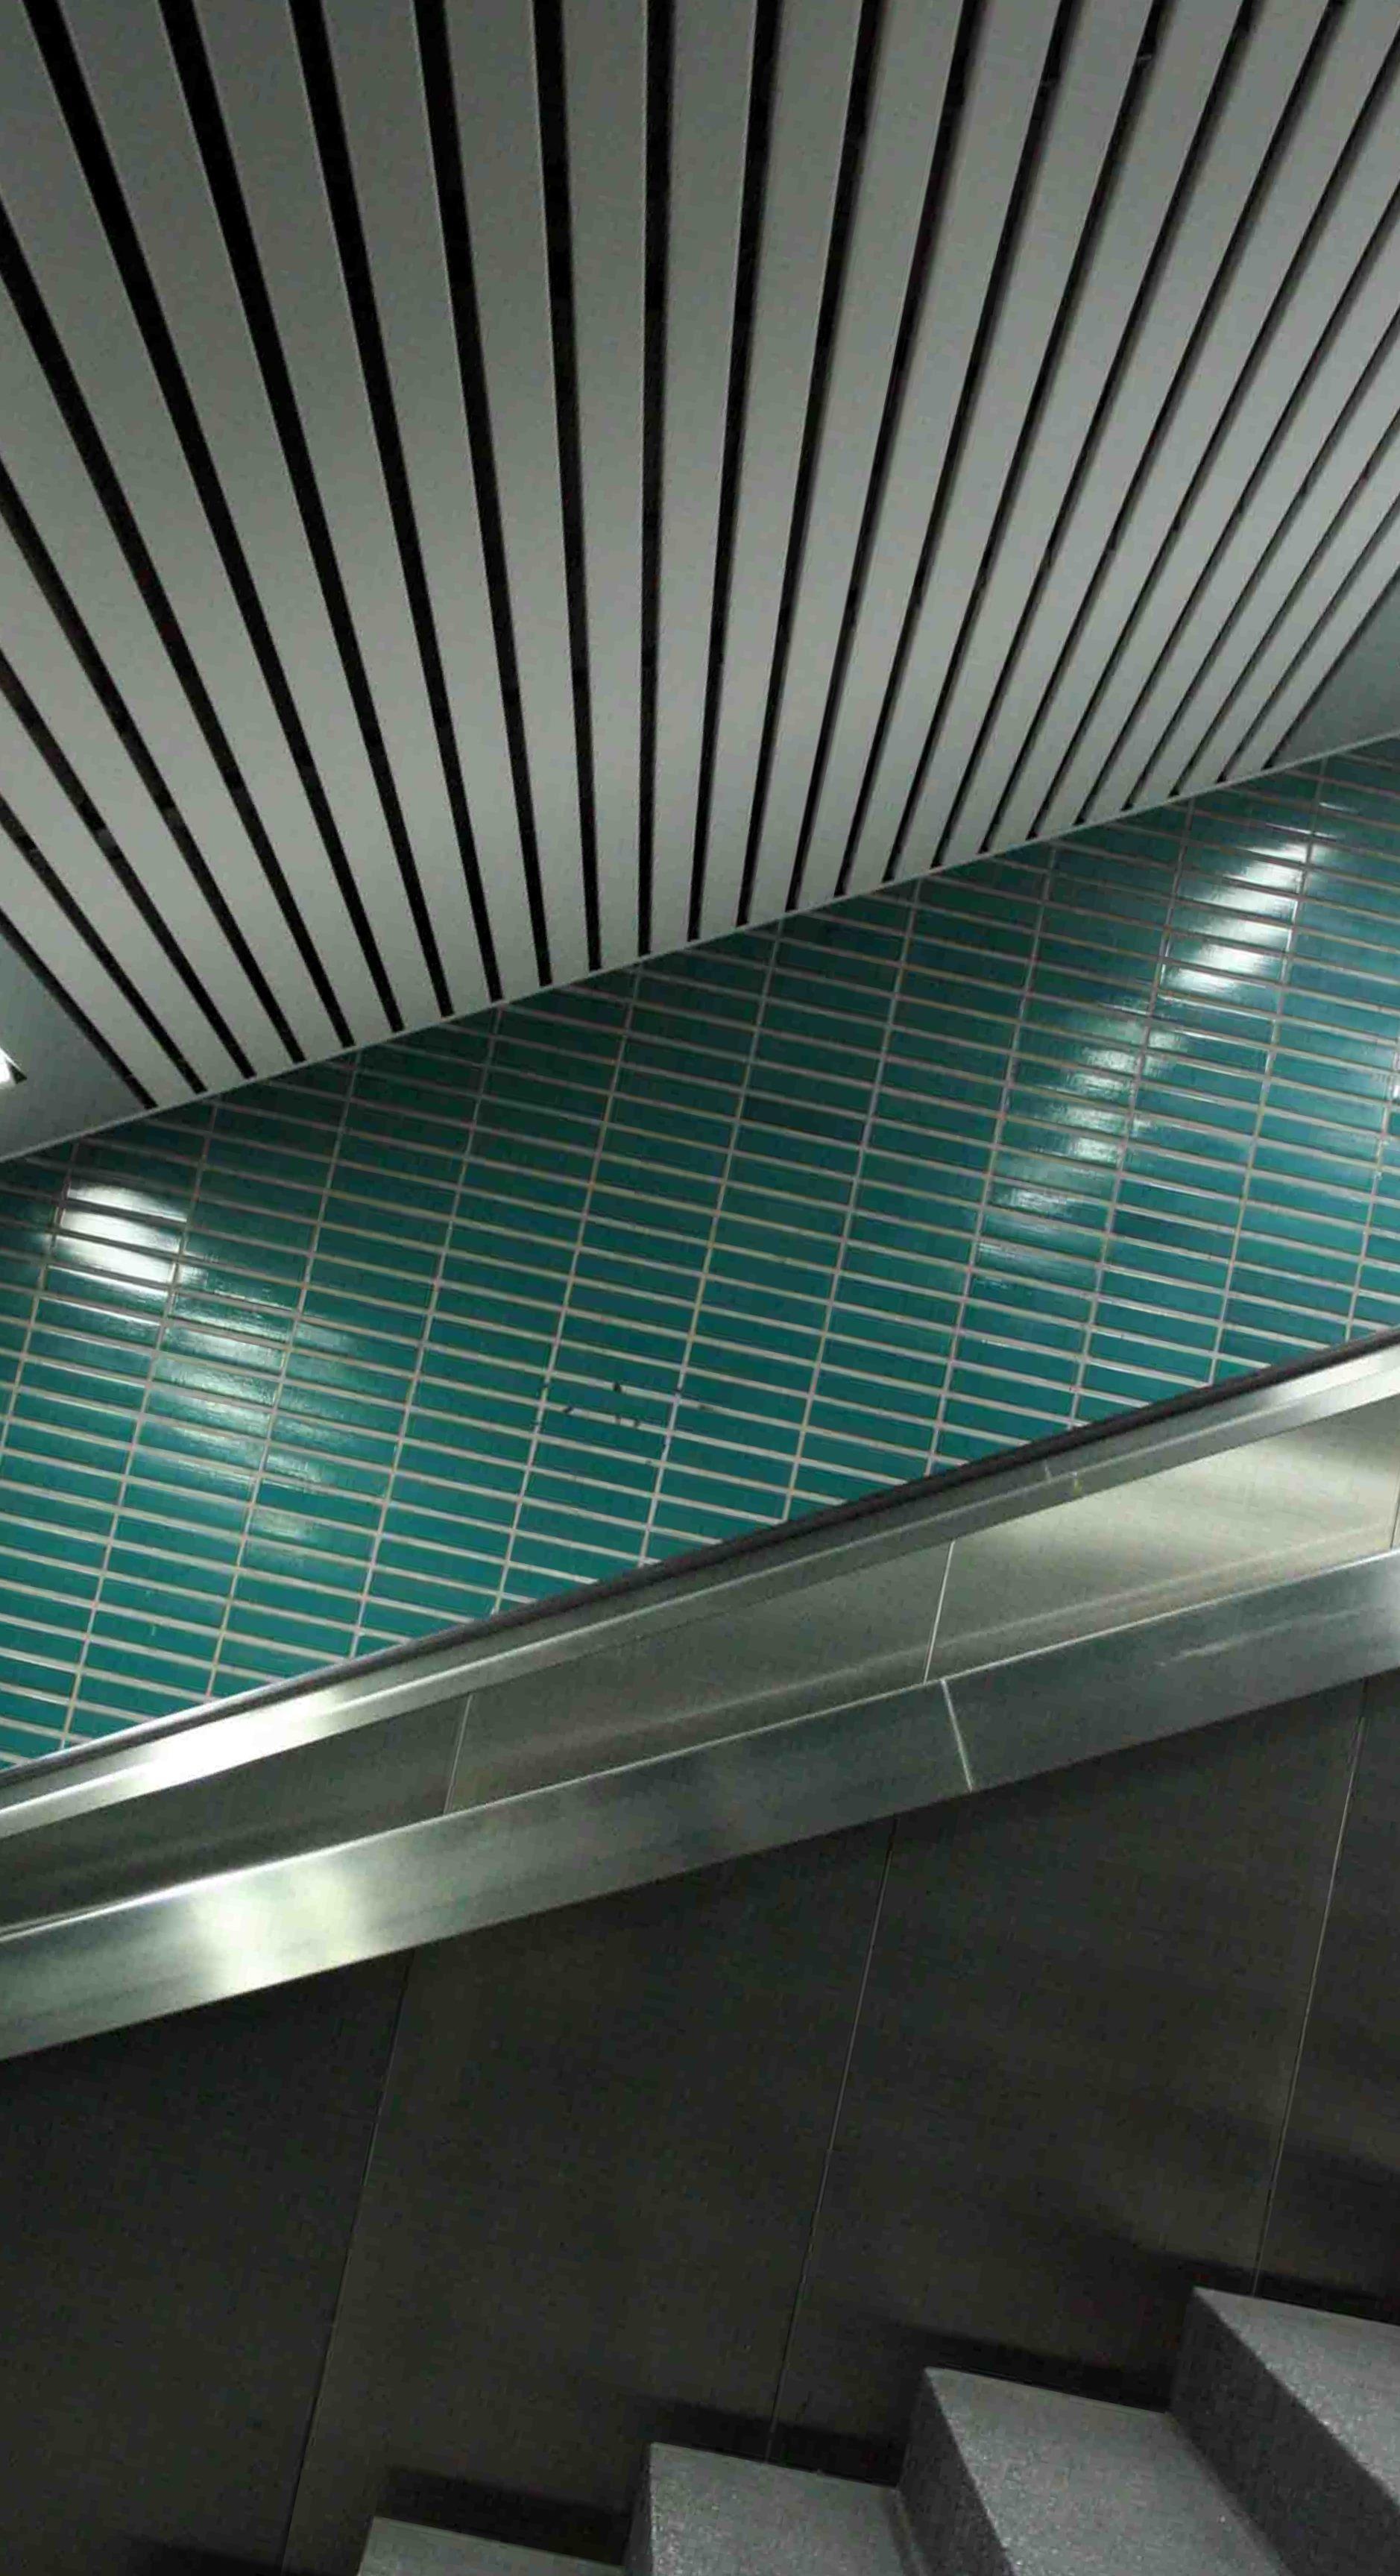 Plafond acoustique cgc toulon devis gratuit pour travaux for Faux plafond prix m2